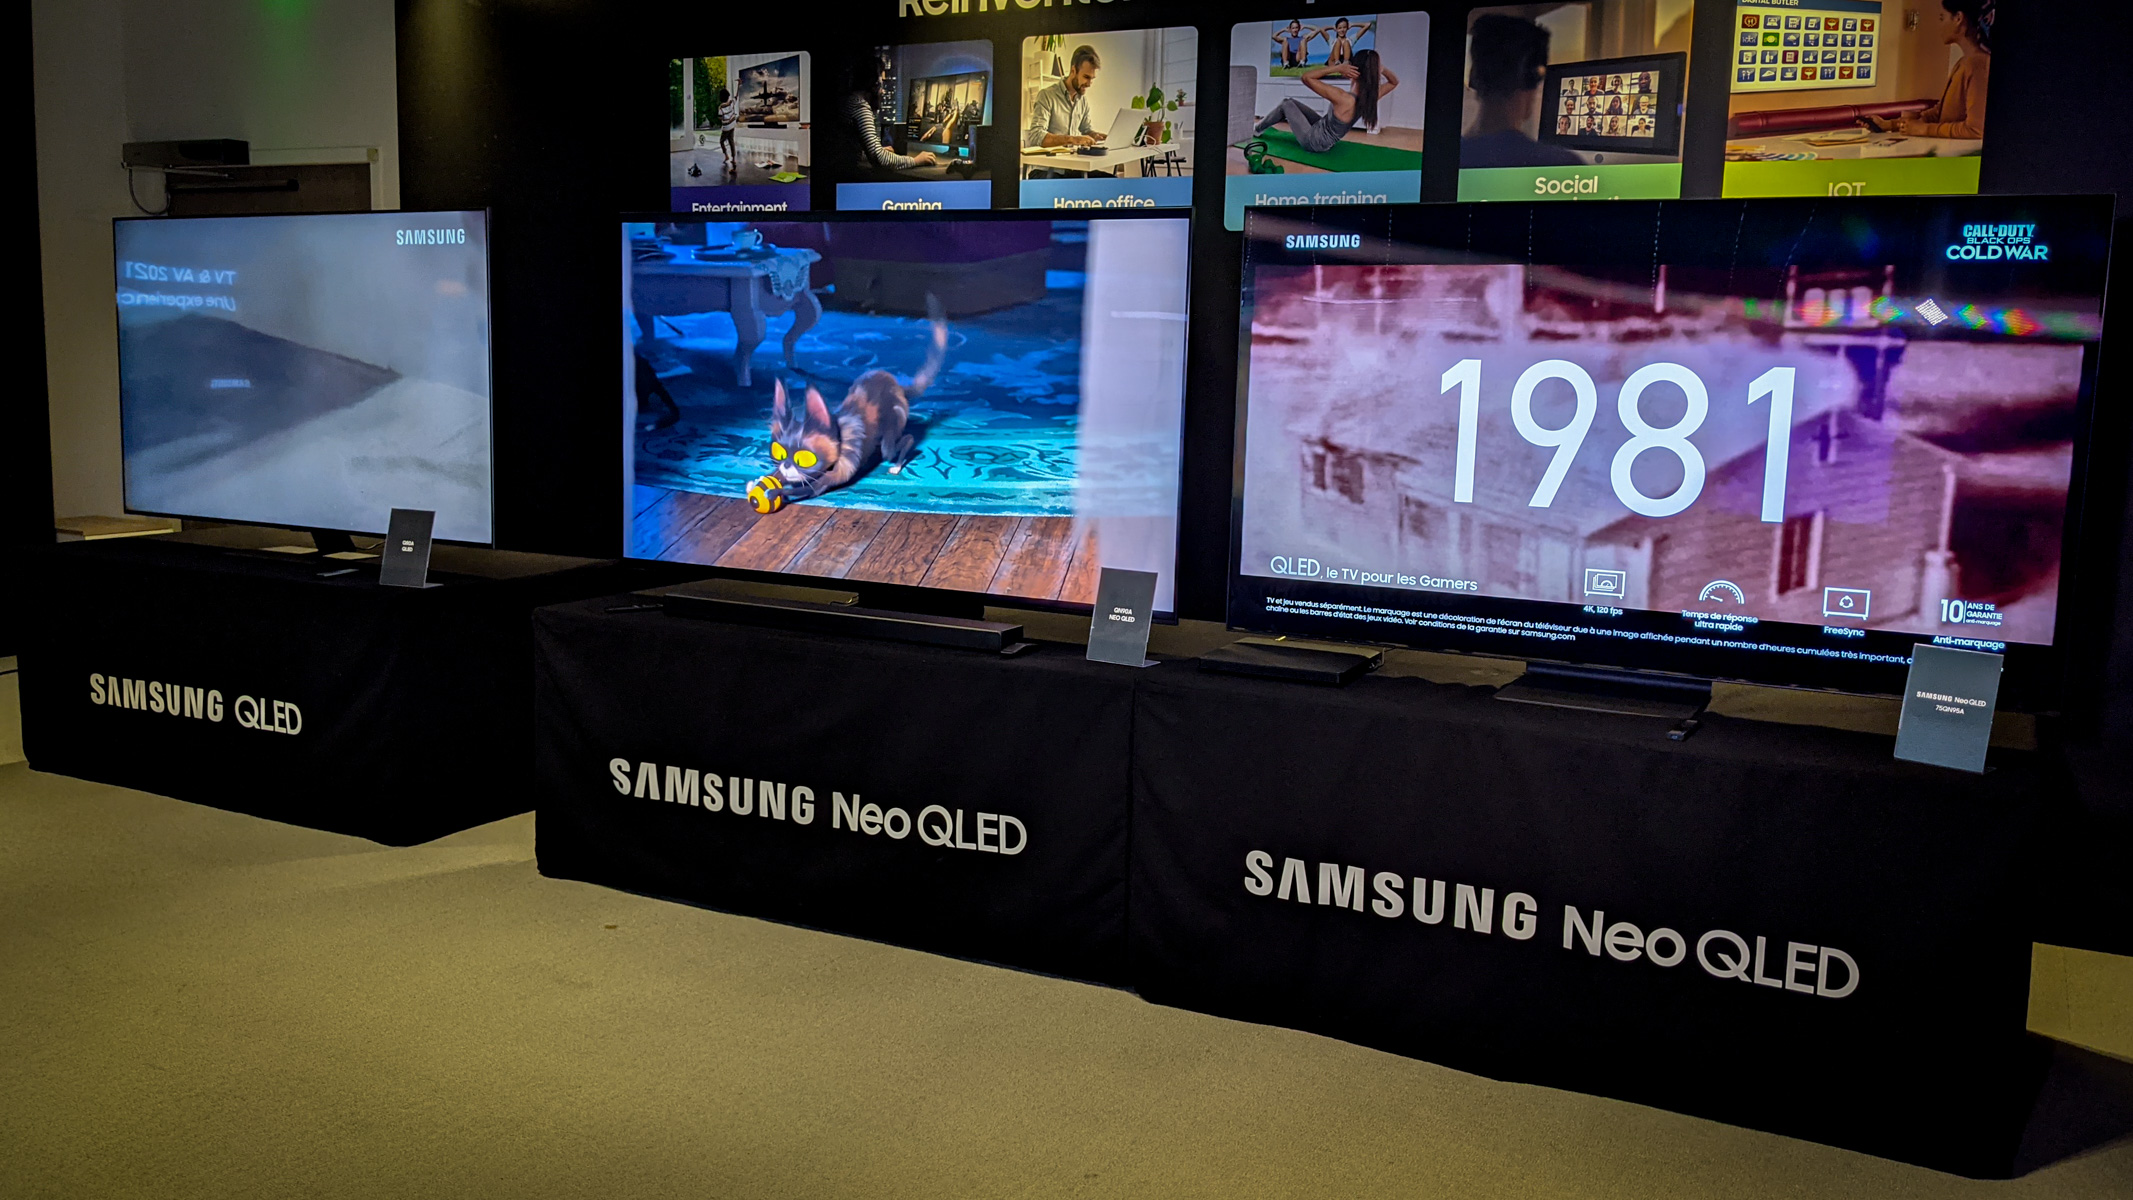 Samsung Neo QLED : nos premières impressions sur les télés Mini LED 4K et 8K - Frandroid